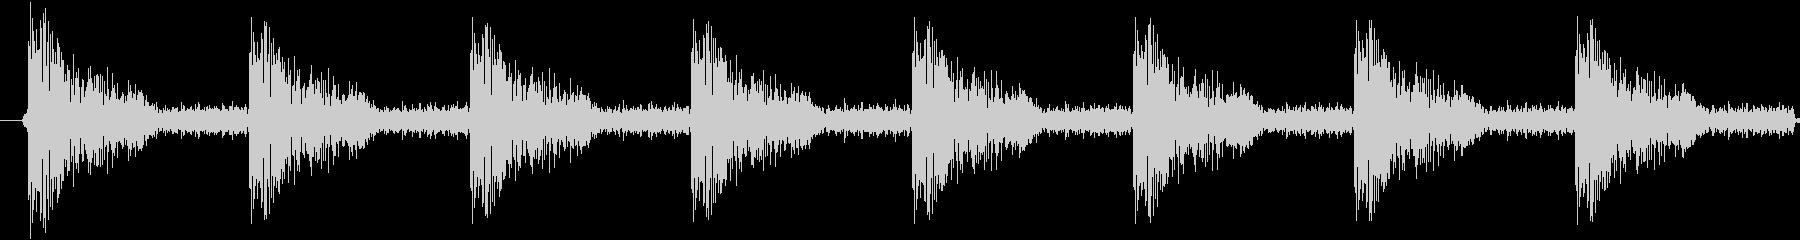 ダンスミュージック向けスネアドラム8発の未再生の波形